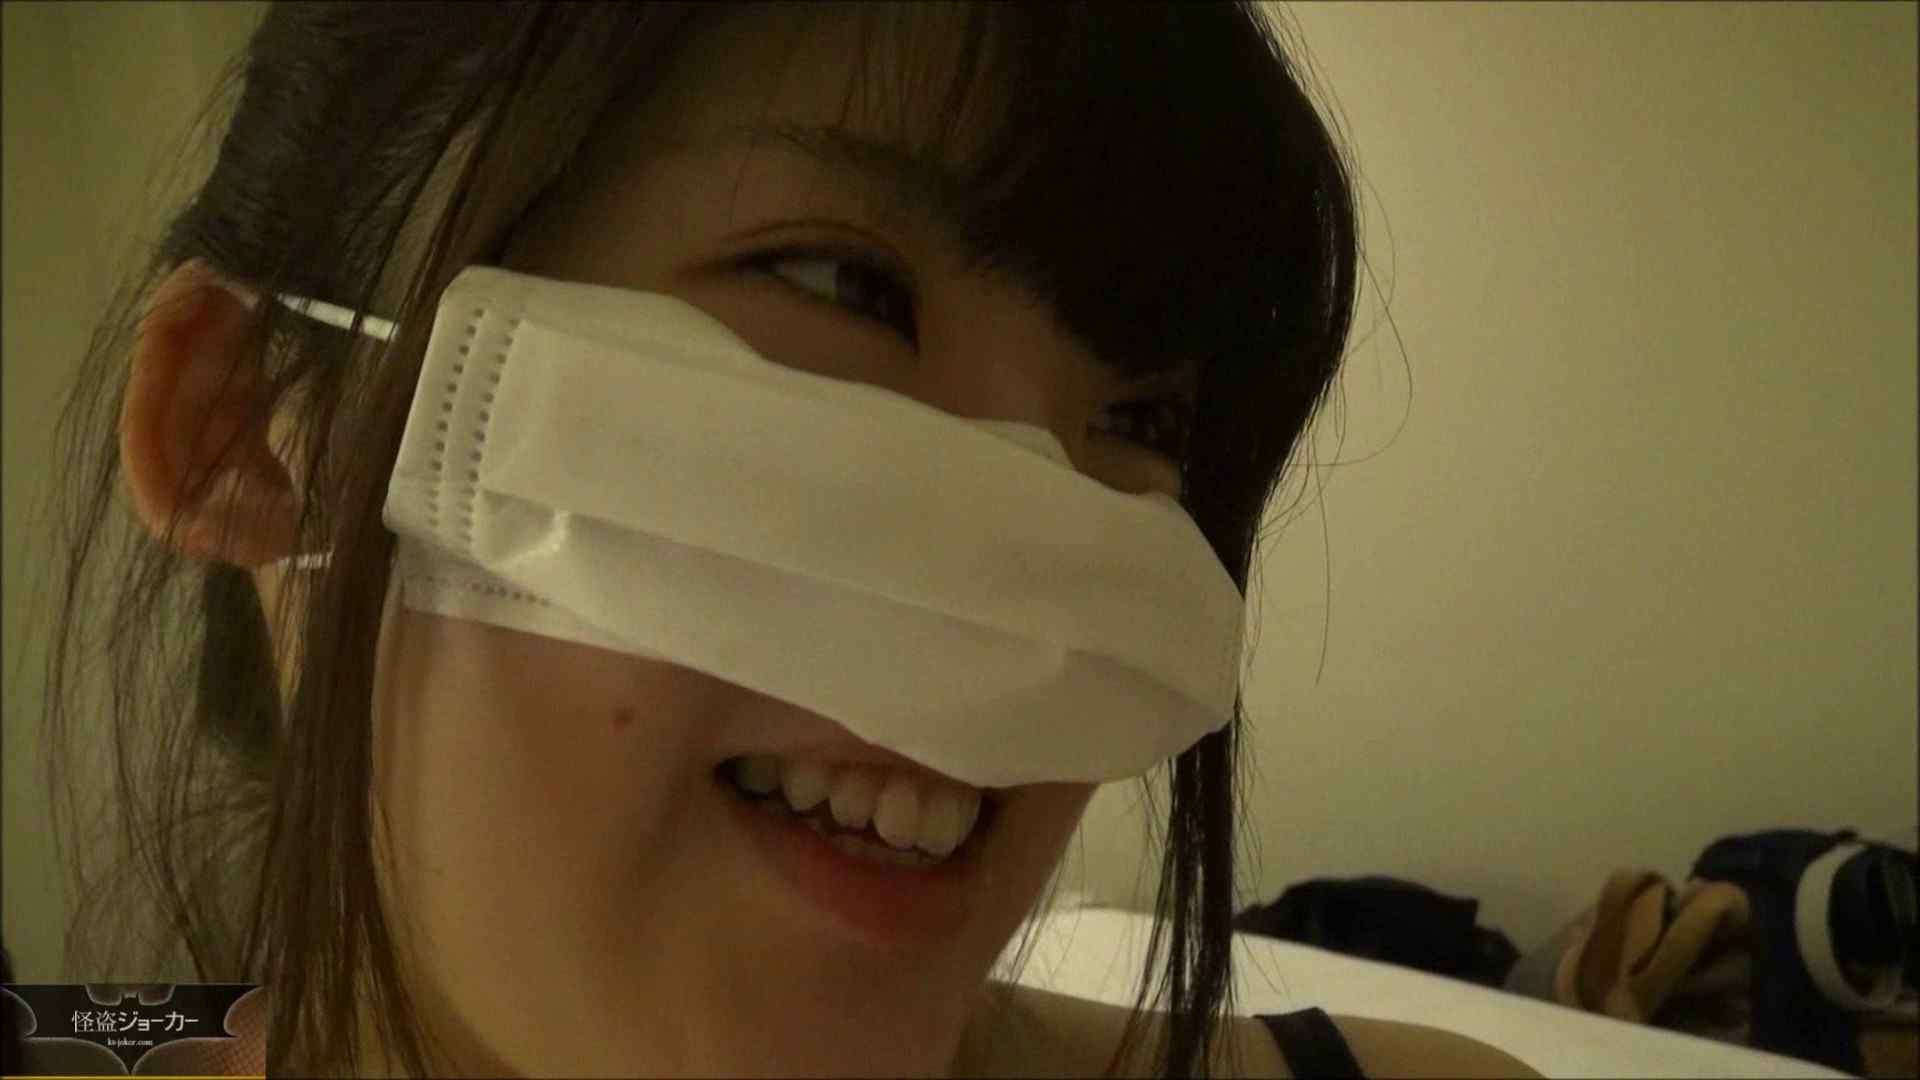 【未公開】vol.79 {関東某有名お嬢様JD}yuunaちゃん③ フェラ ヌード画像 62PIX 23